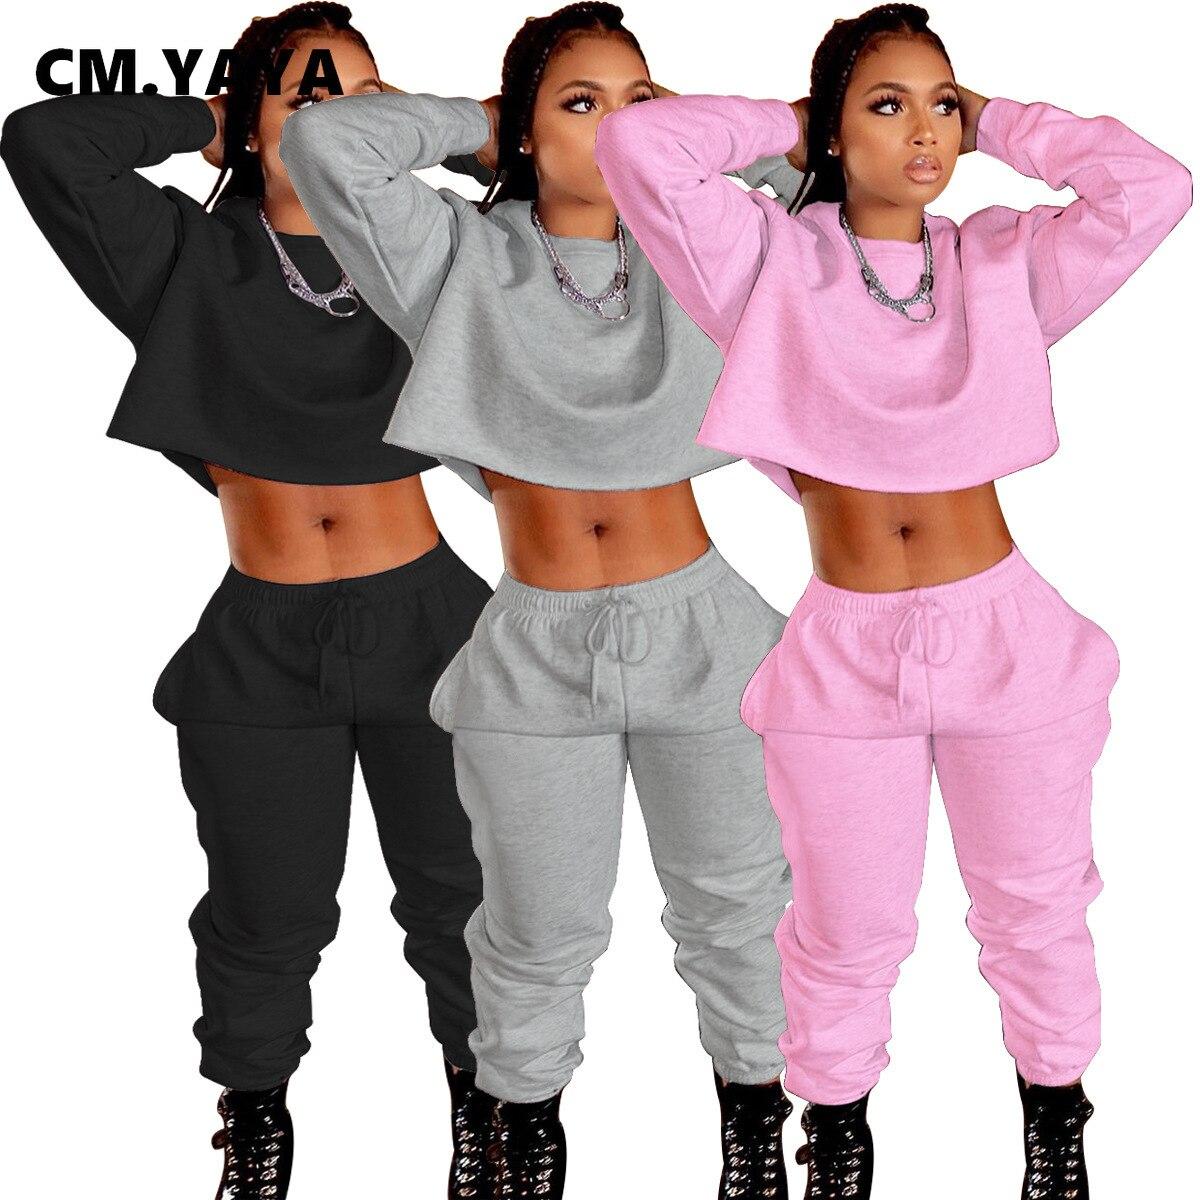 Cm. Yaya Actieve Fleece Sweatsuit Twee 2 Delige Set Voor Vrouwen Winter Fitness Outfit Sweatshirt + Jogger Broek Set Trainingspak